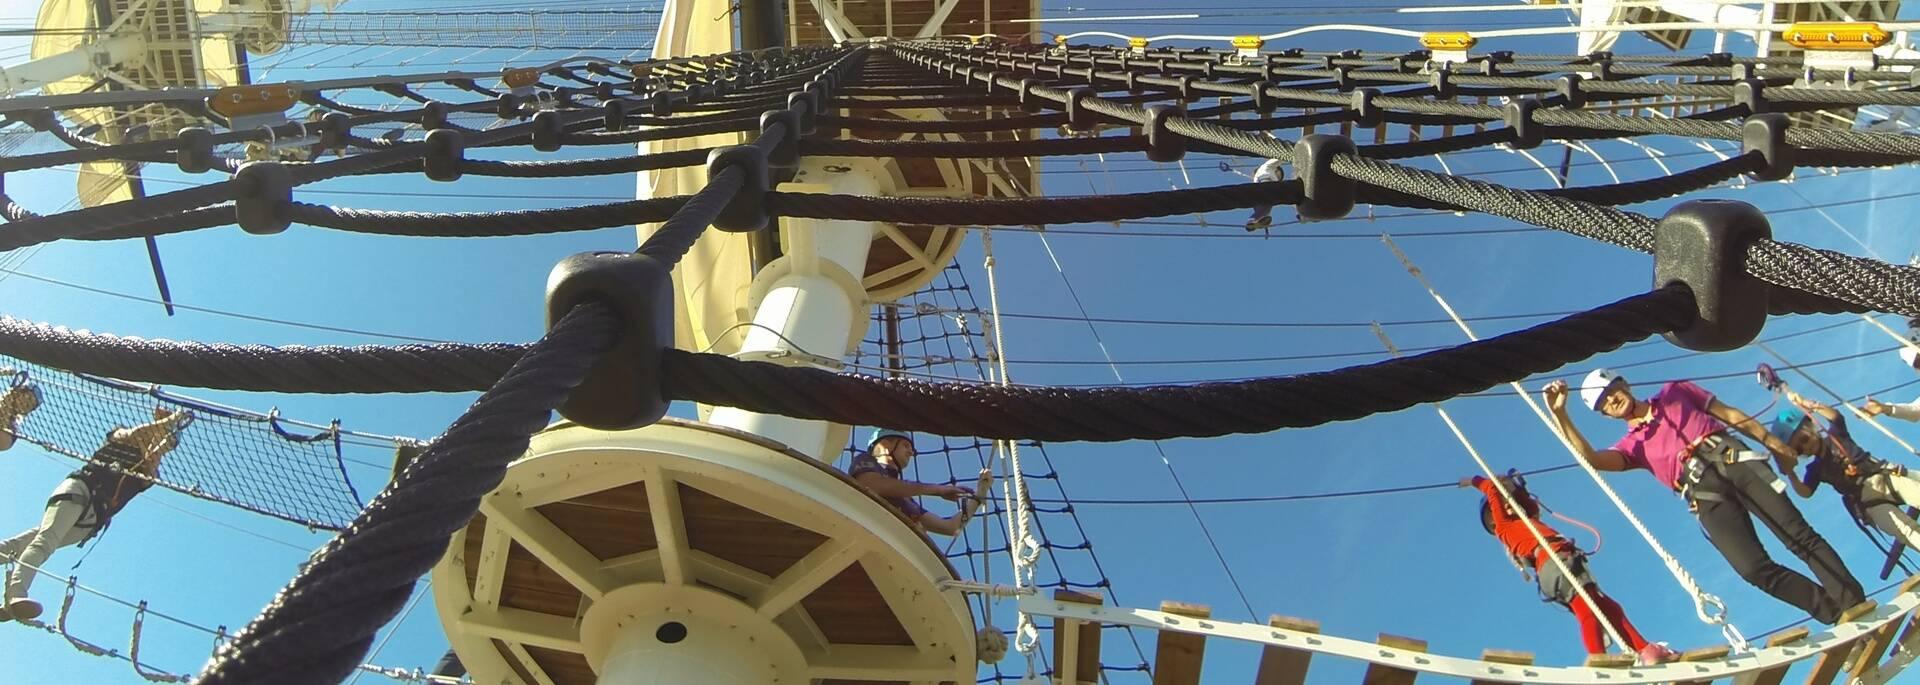 Venez tester l'Accro-Mâts au coeur de l'arsenal maritime de Rochefort - © Petibowom